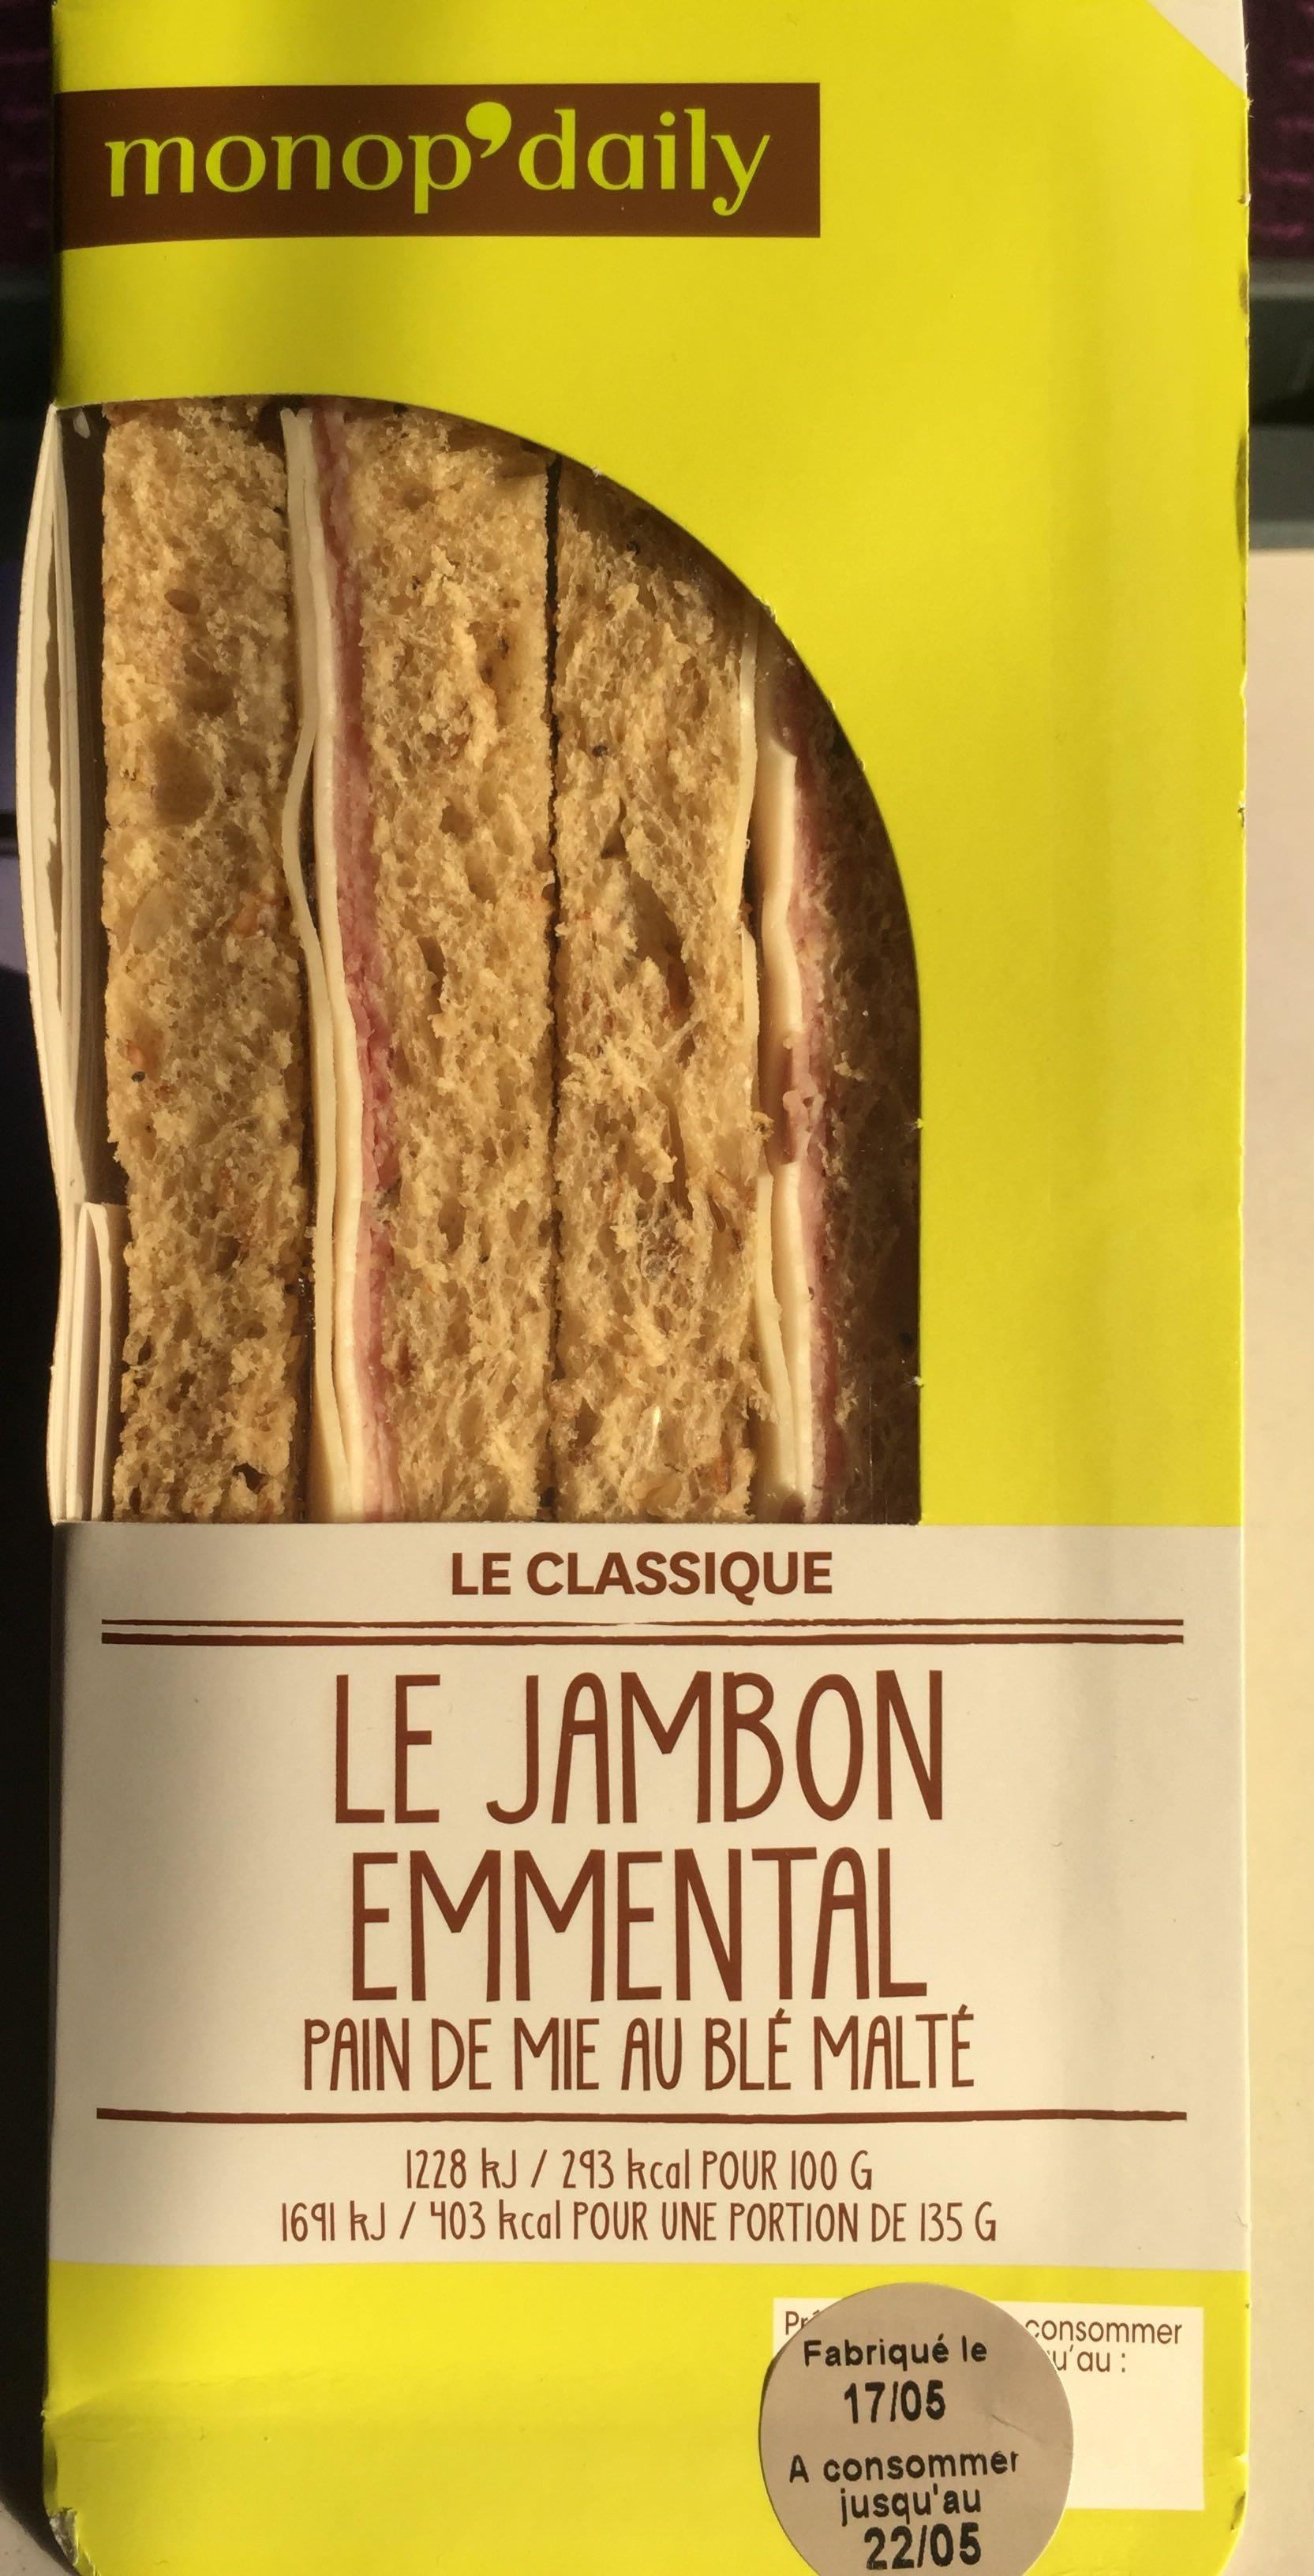 Le jambon emmental - Produit - fr